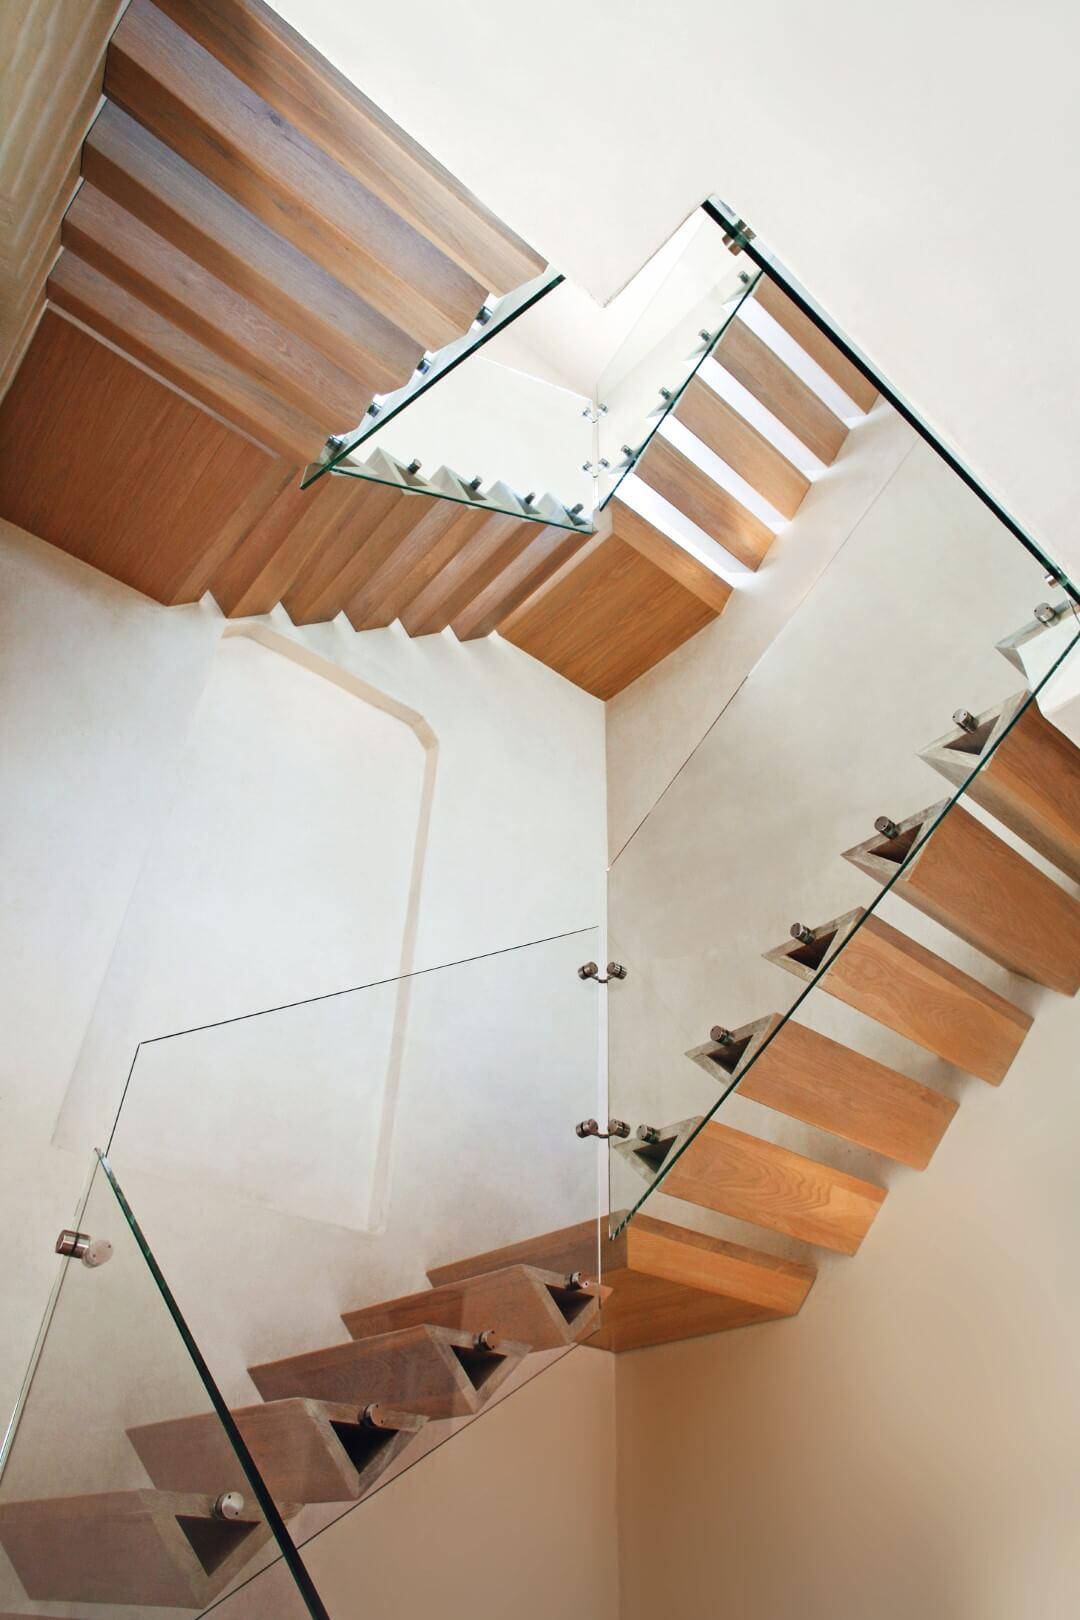 מבט דרך חמישה גרמי מדרגות מרחפות עם מדרכי עץ משולשים שעולים למעלה ומחברים את מפלסי הבית